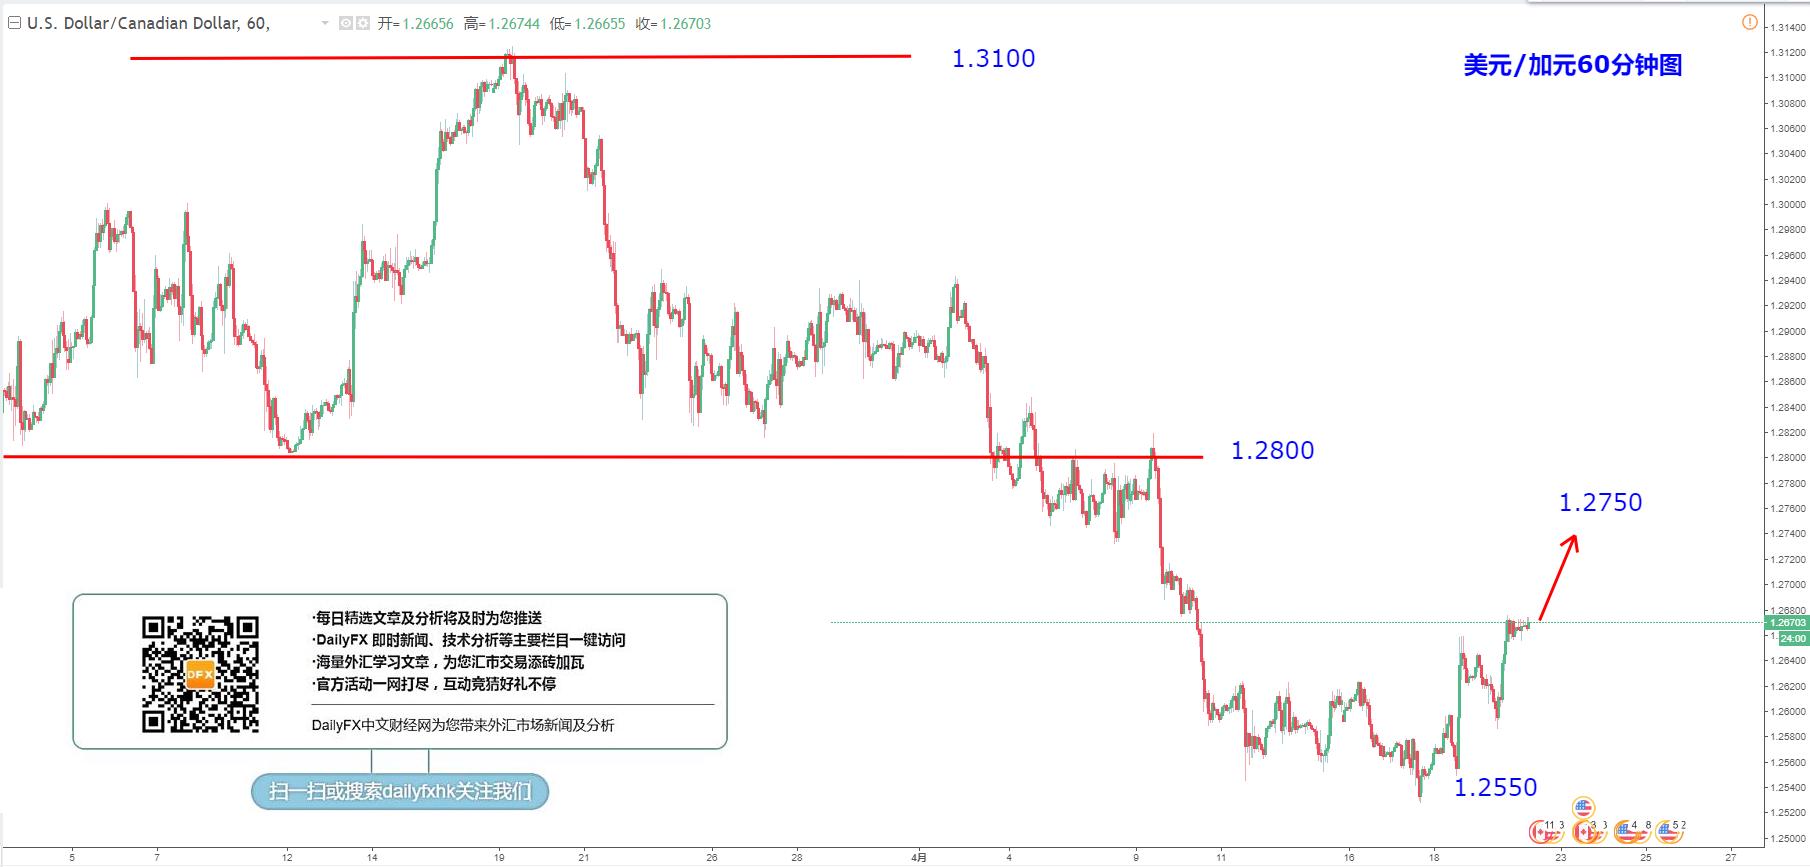 美元/加元:傾向繼續看多